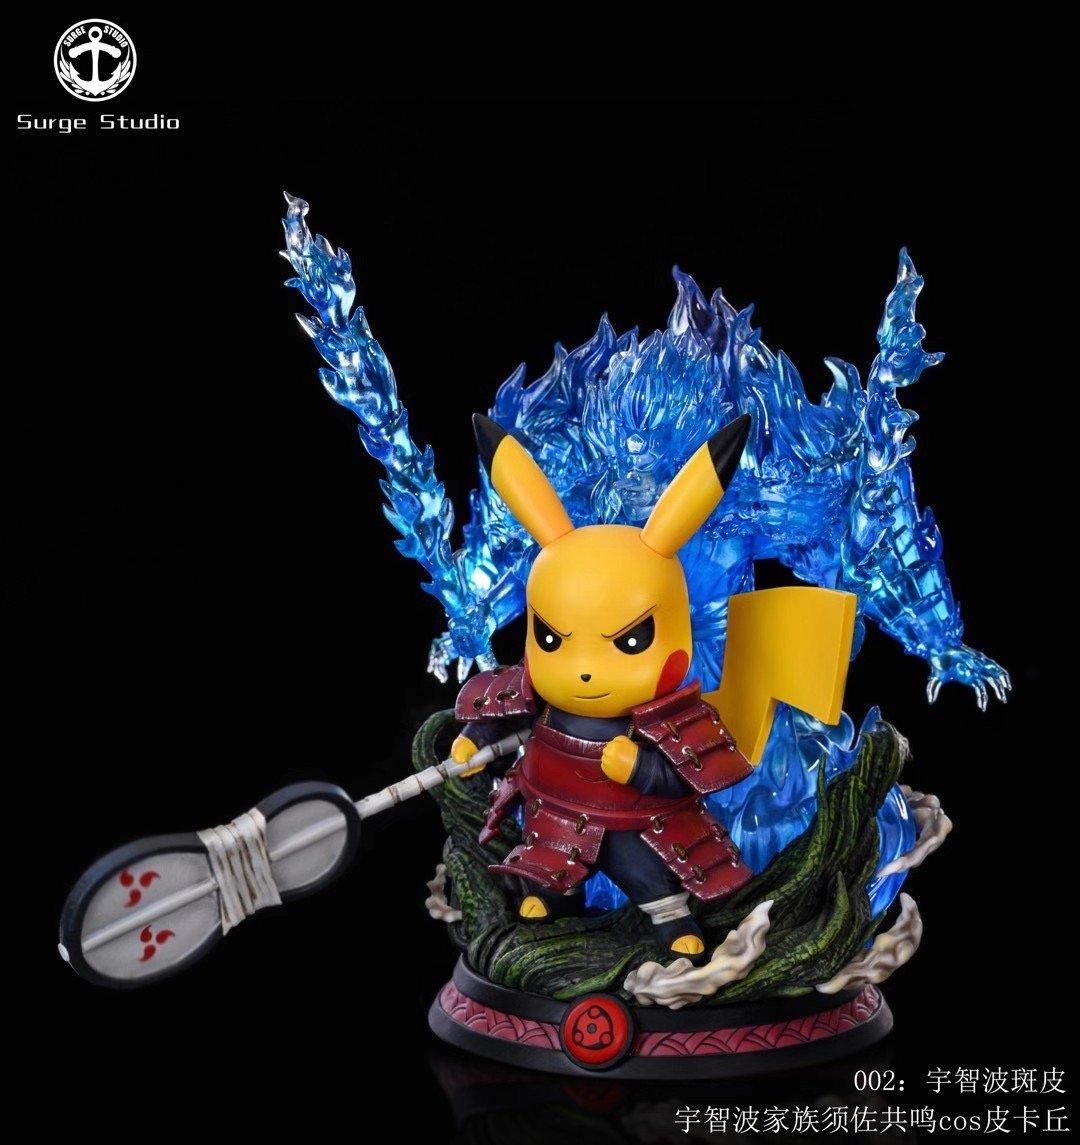 Image of [Pre-Order]Surge Studio Pikachu Cross Madara Resin Statue